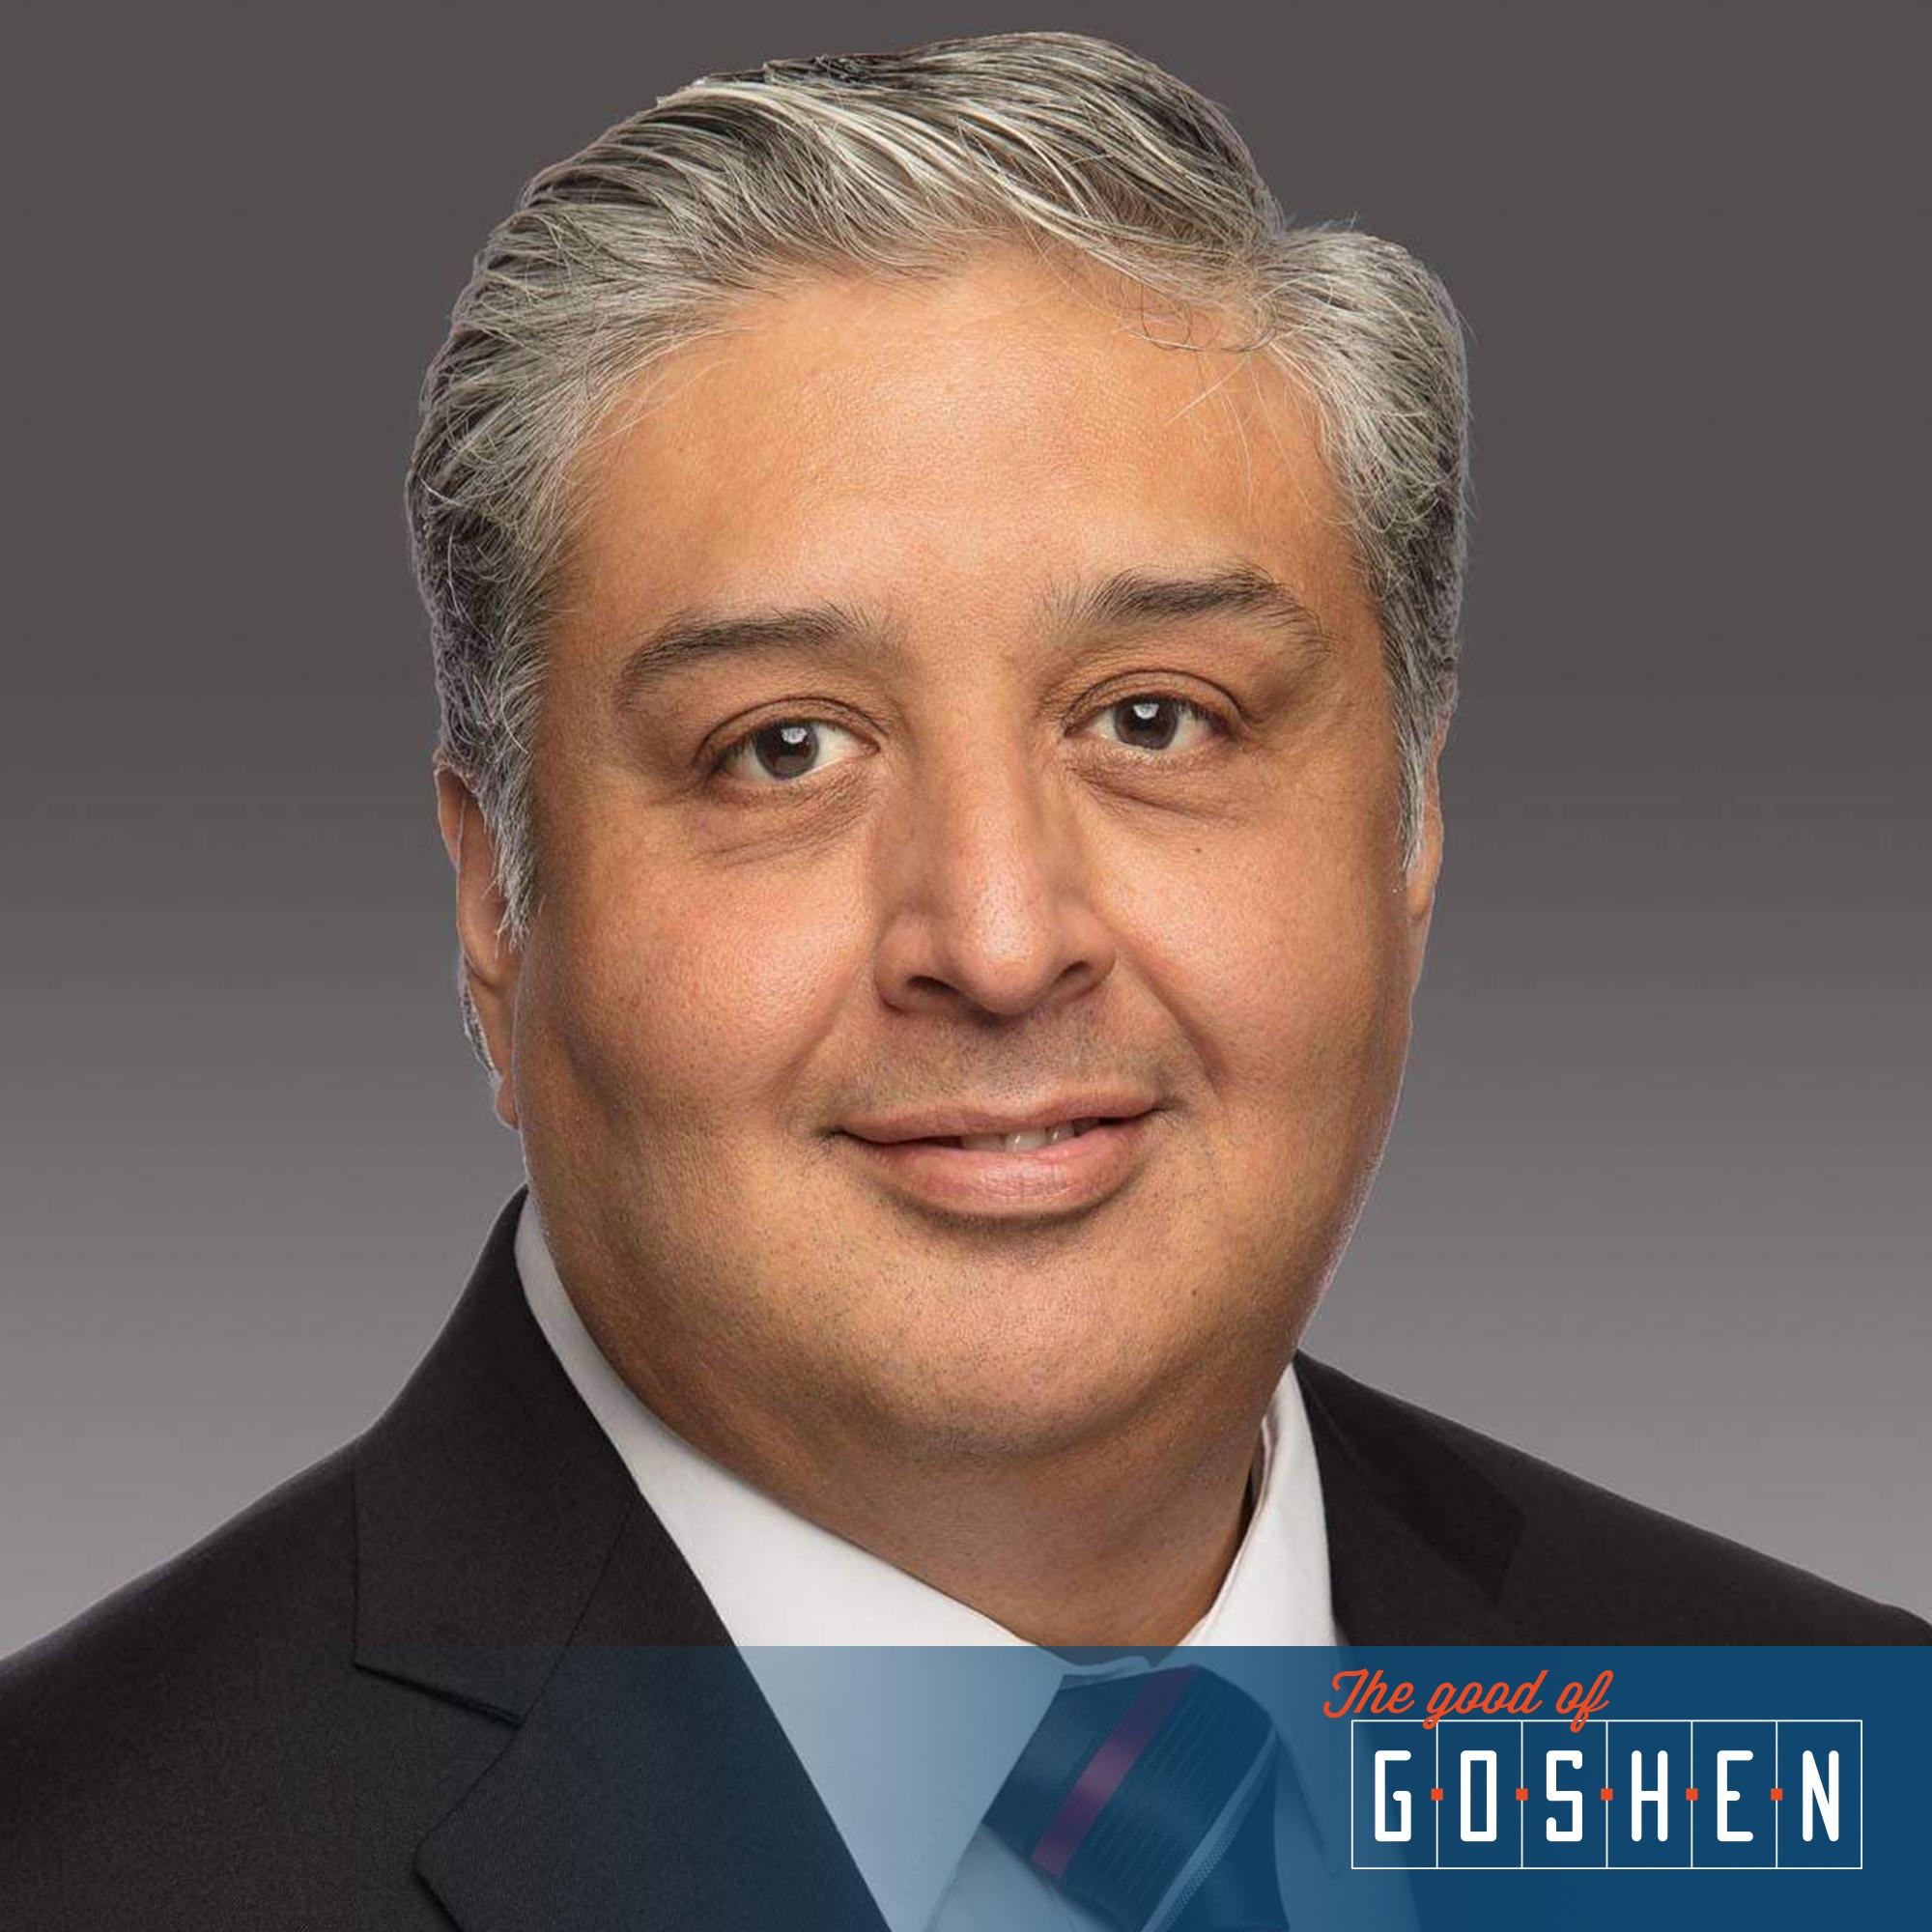 Jose Elizalde • The Good of Goshen